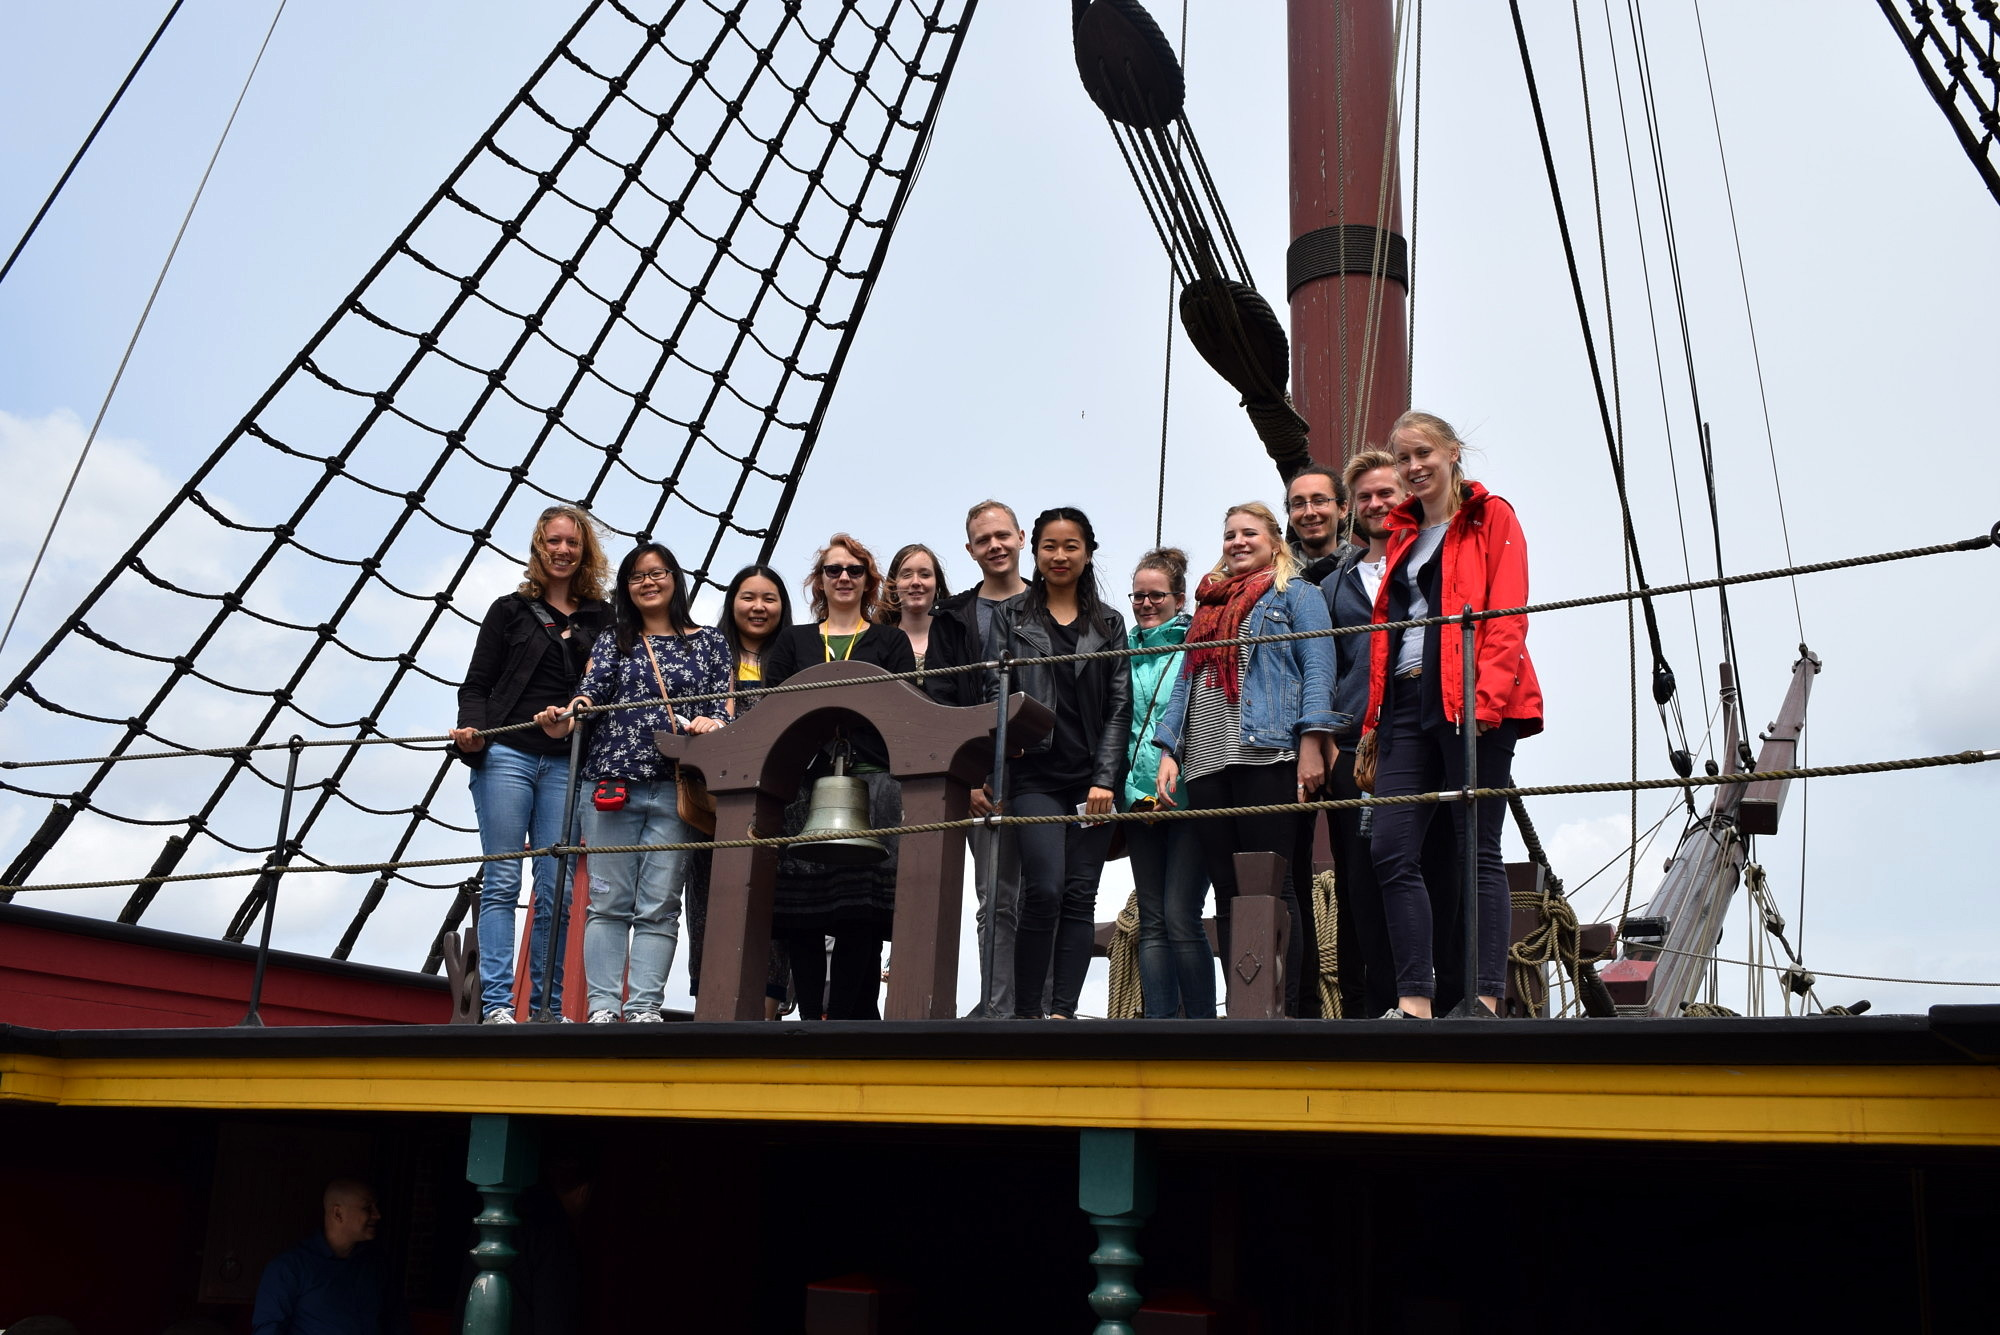 Gruppengfoto der ExkursionsteilnehmerInnen der Exkursion nach Leiden 2018 im Schiffahrtsmuseum.